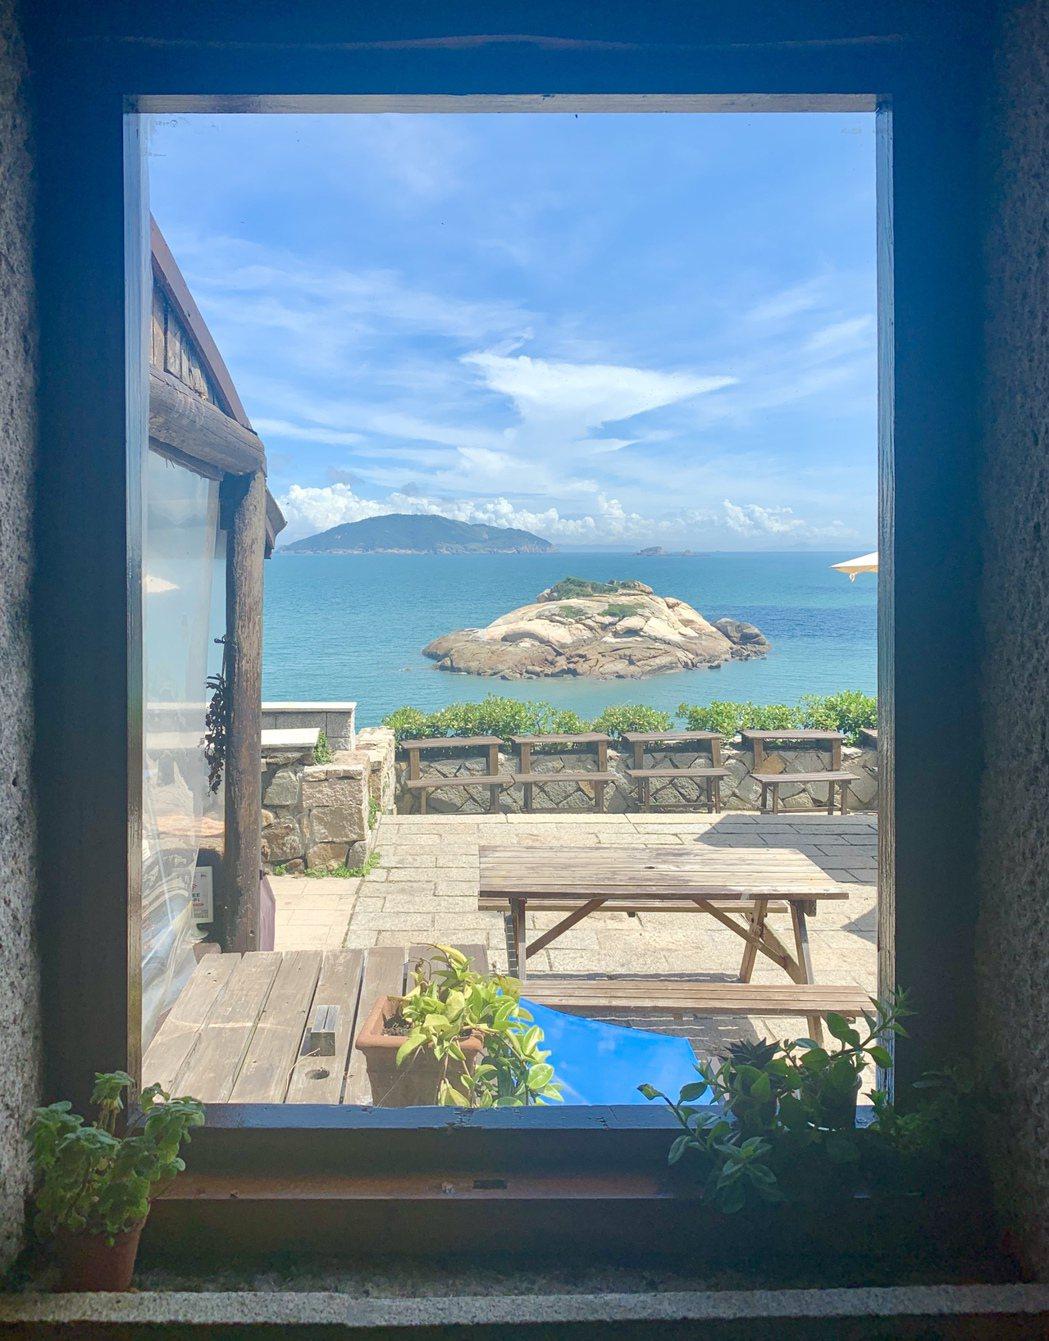 馬祖芹壁某咖啡館的窗景,非常愛琴海。 圖/蔡珠兒攝影